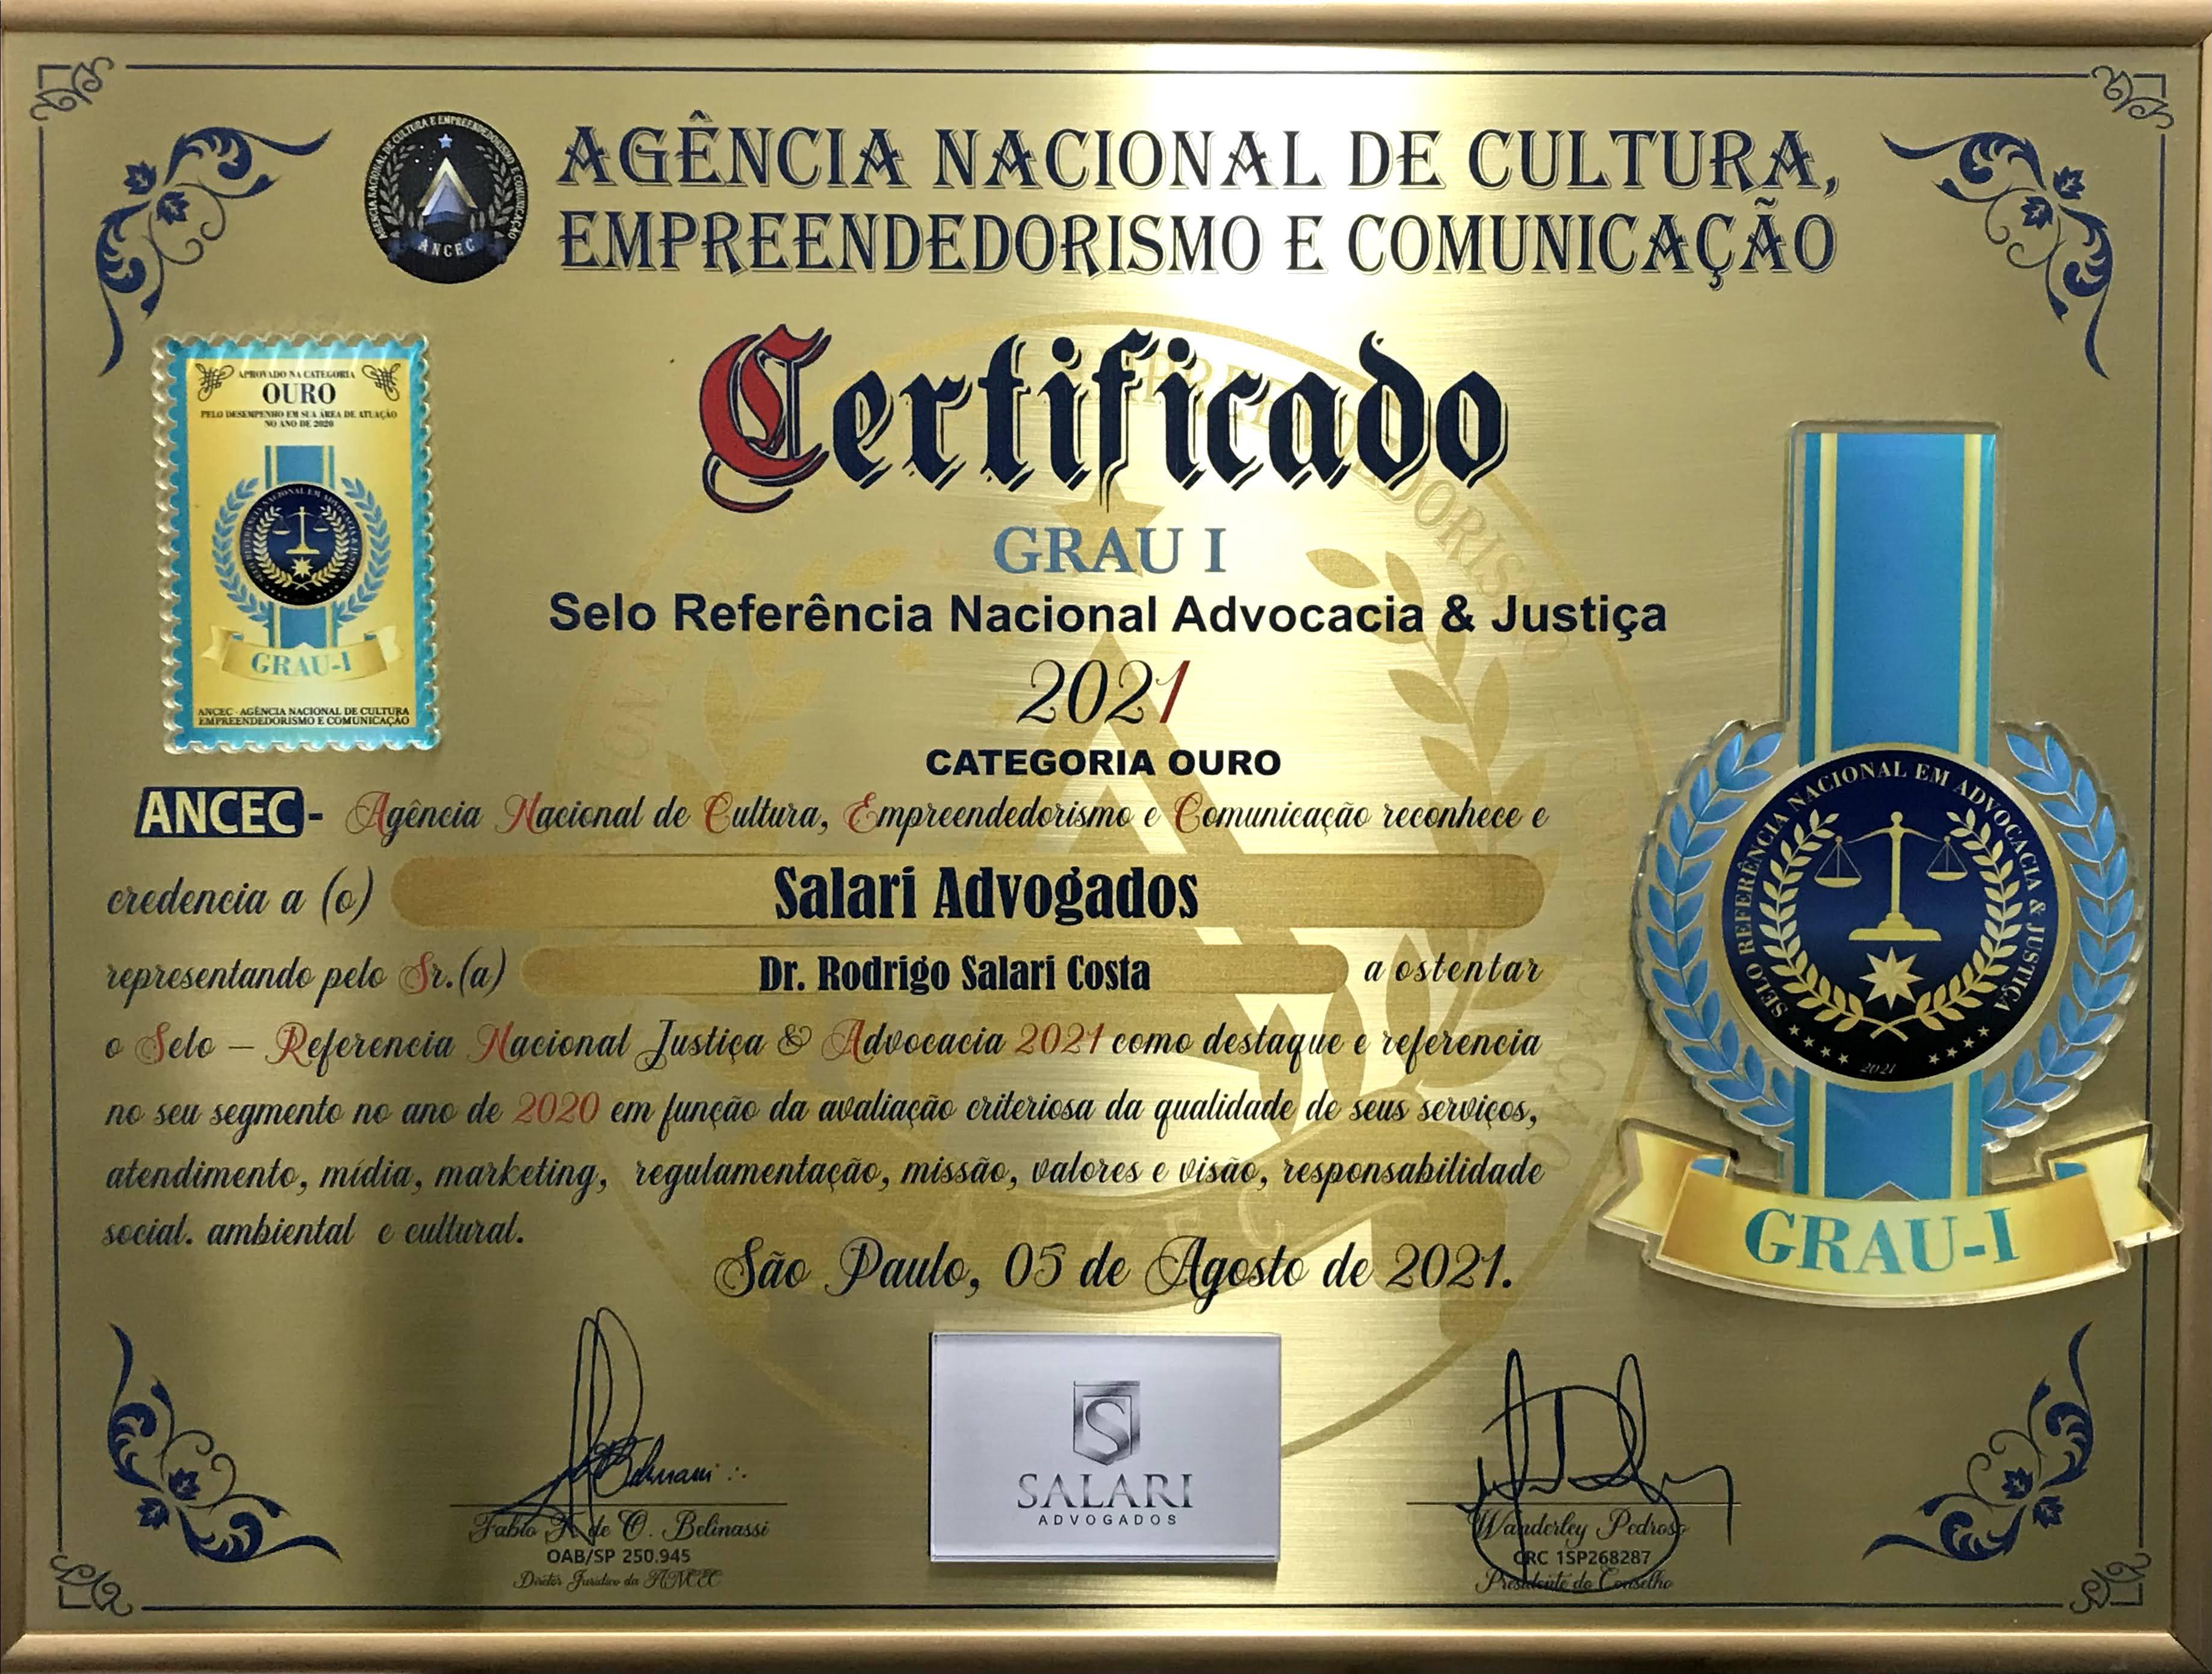 Selo Referência Nacional Advocacia e Justiça